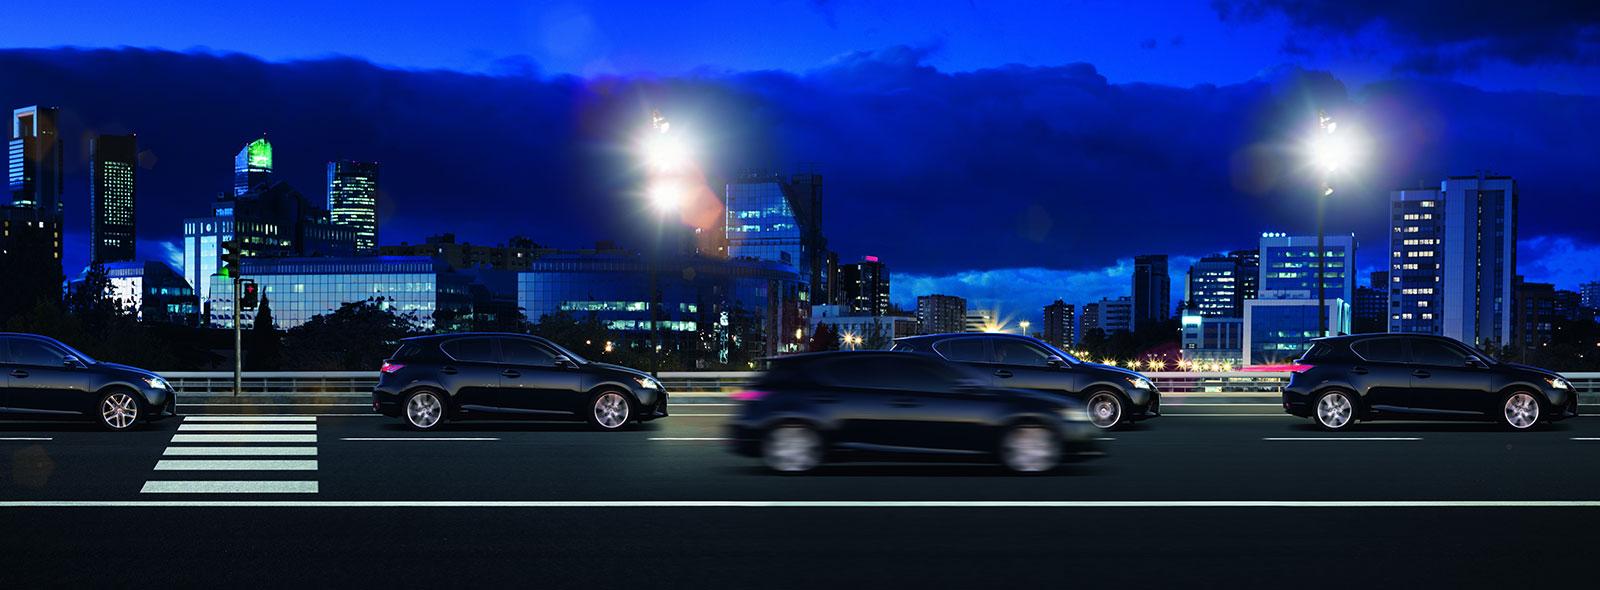 Lexus CT 200h sur la route durant la nuit